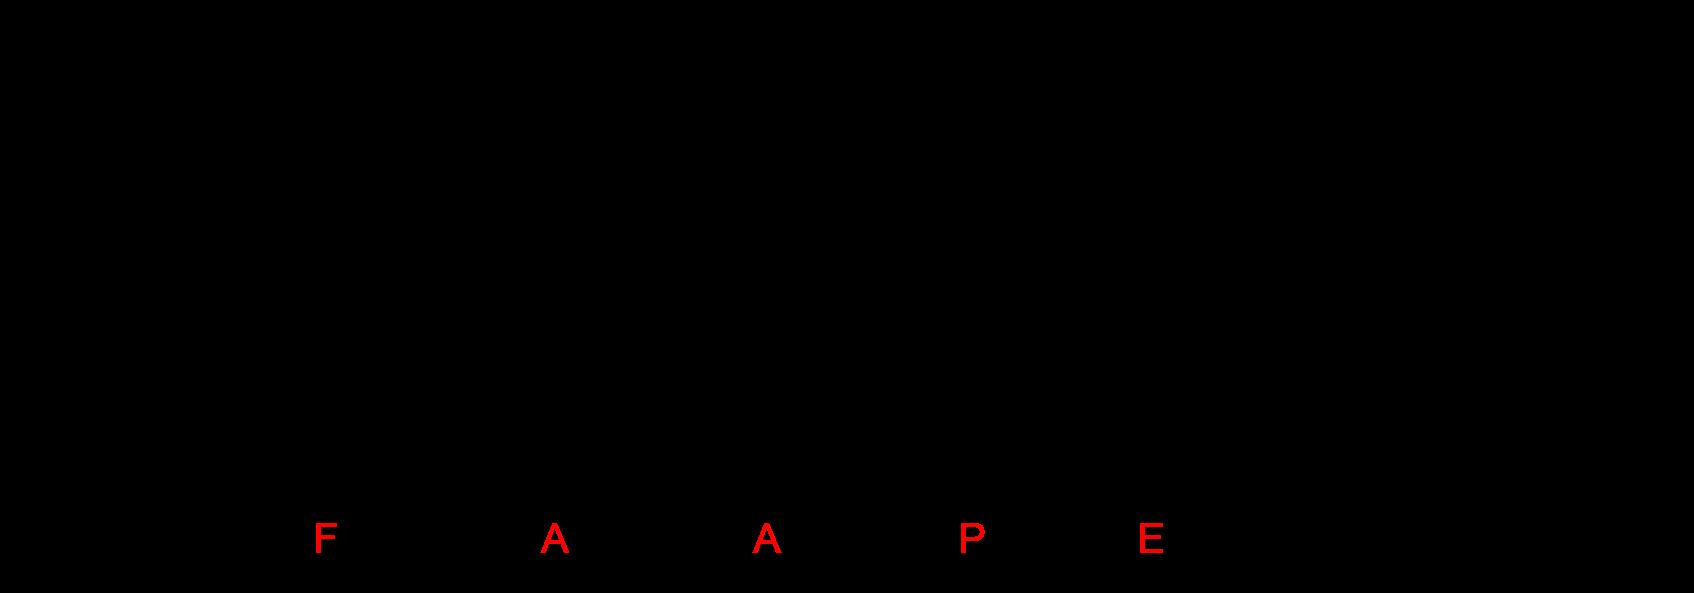 FAAPE